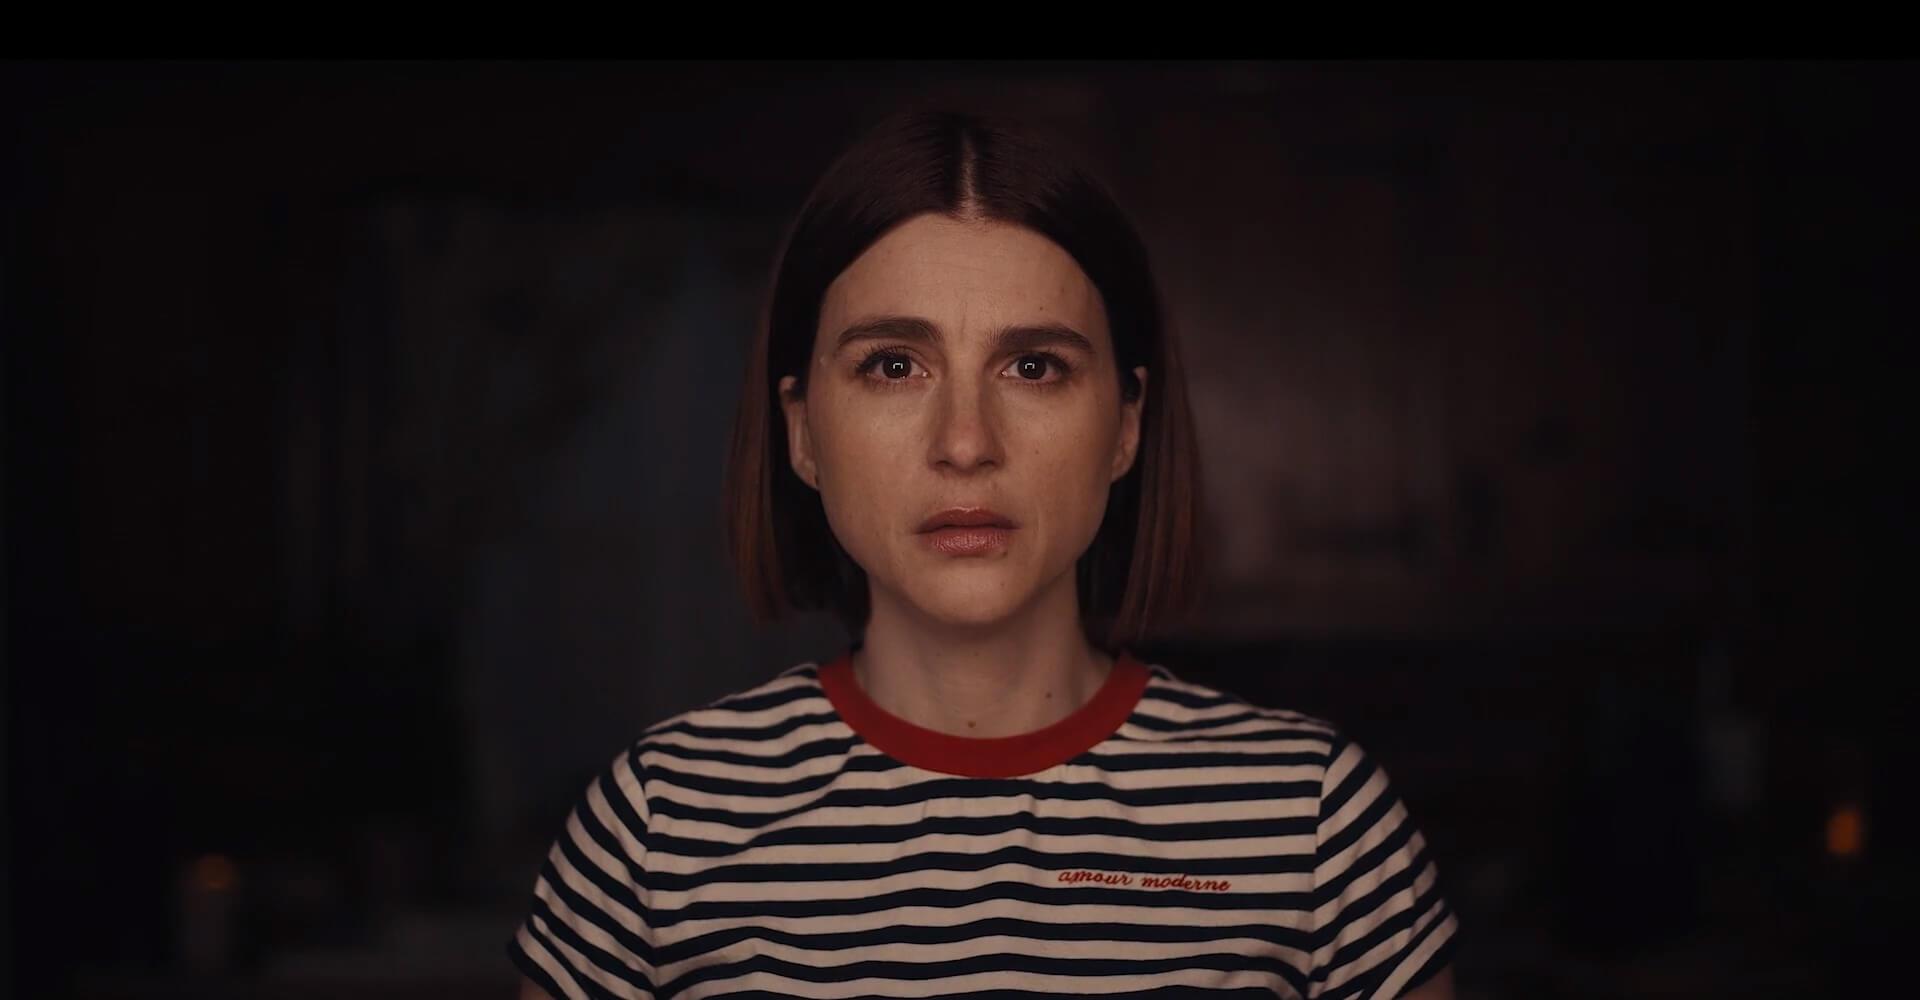 Klatka z filmu Scare Me (2)